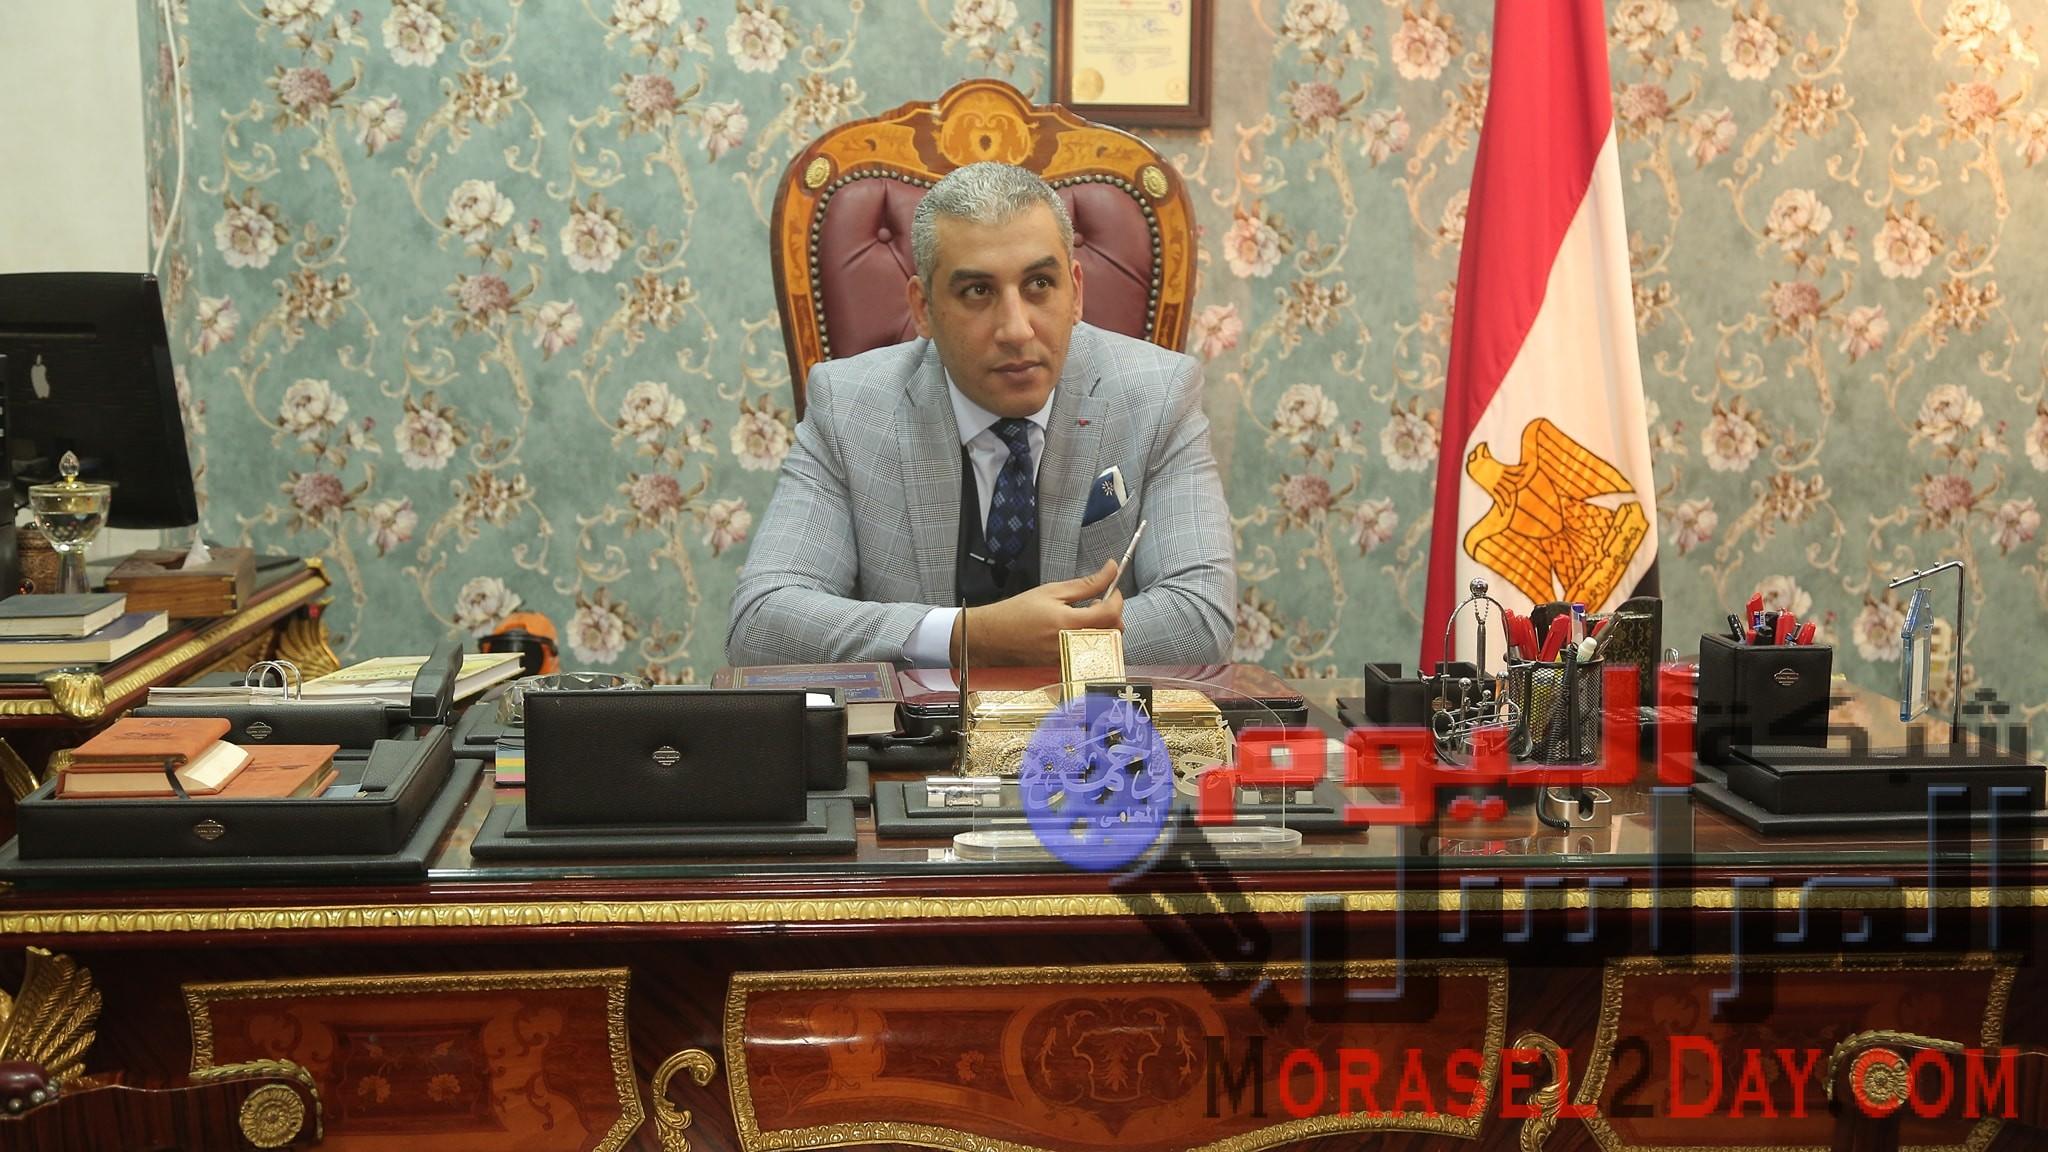 البحقيري: مصر قادرة على حل مشاكل سد النهضة